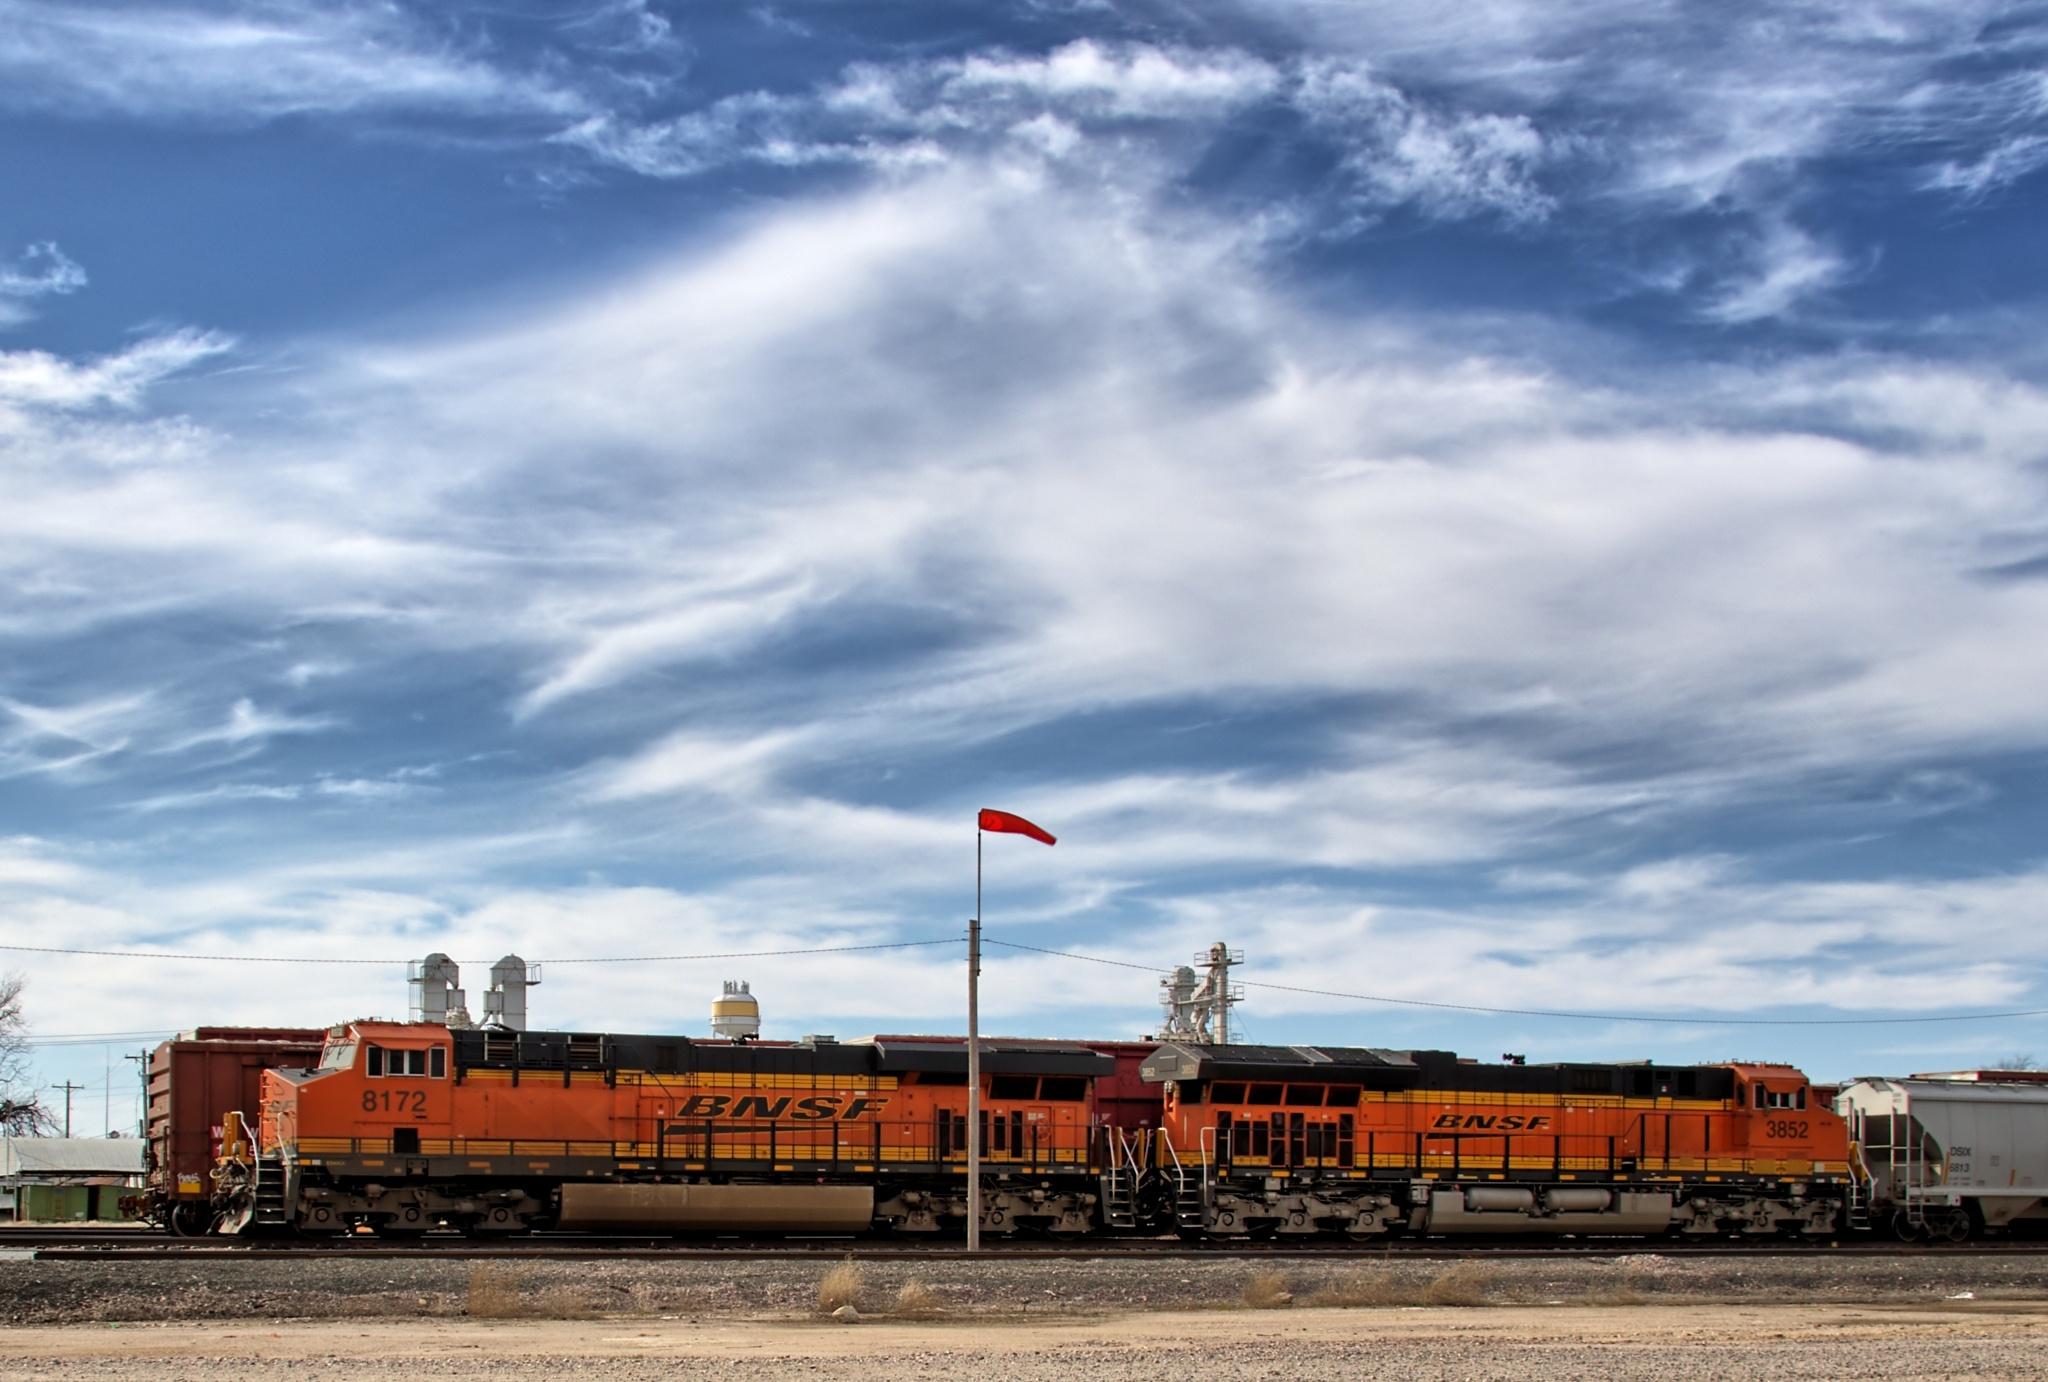 BNSF Train by David M.